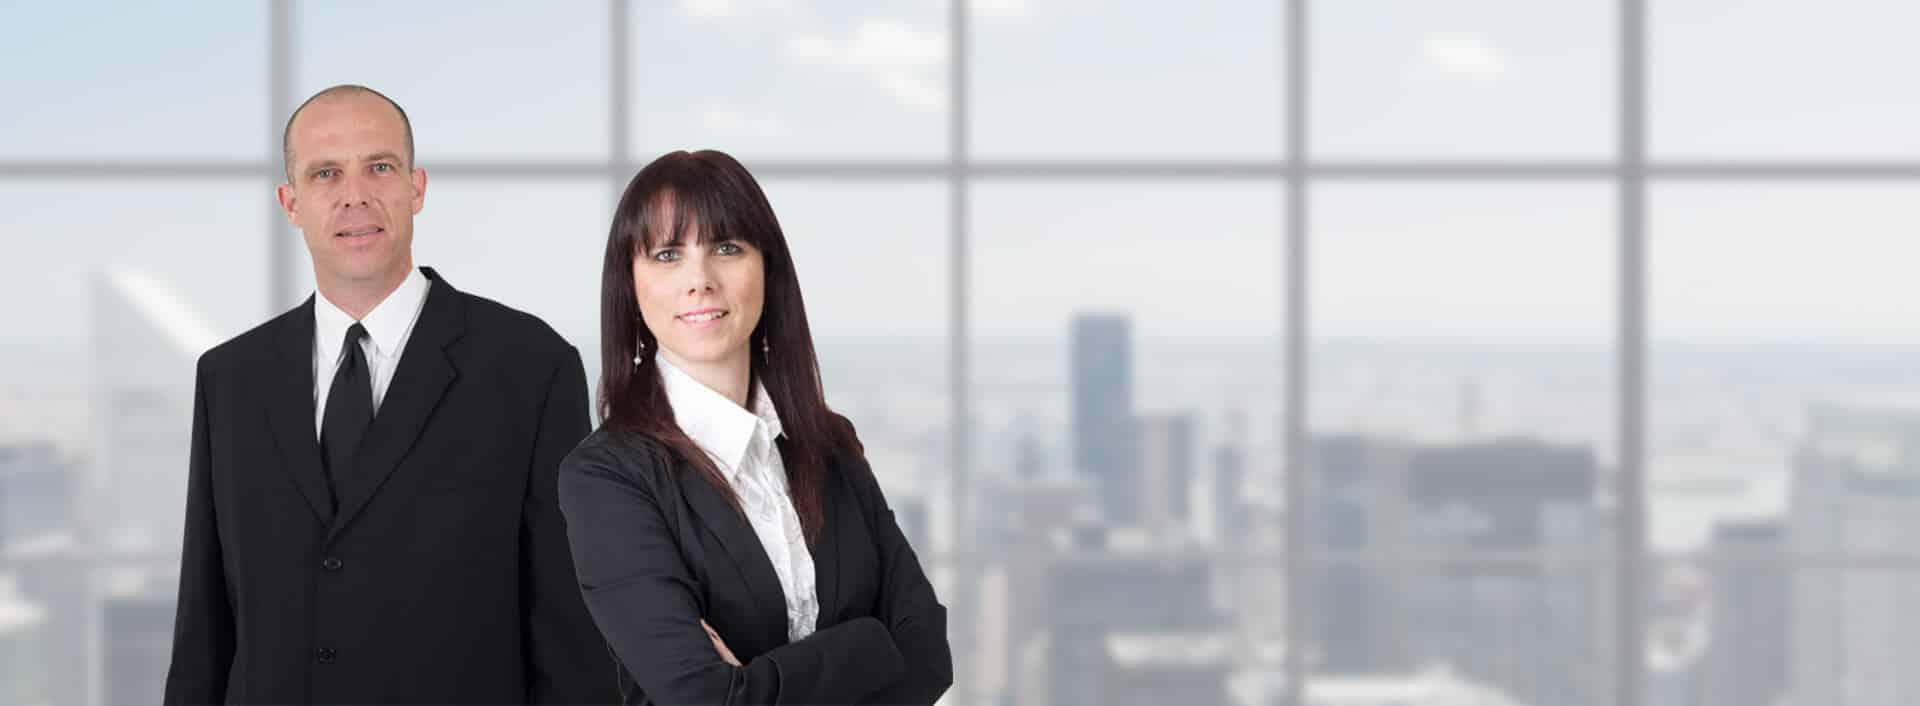 משרד עורכי דין גירושין גרטל & גרבר